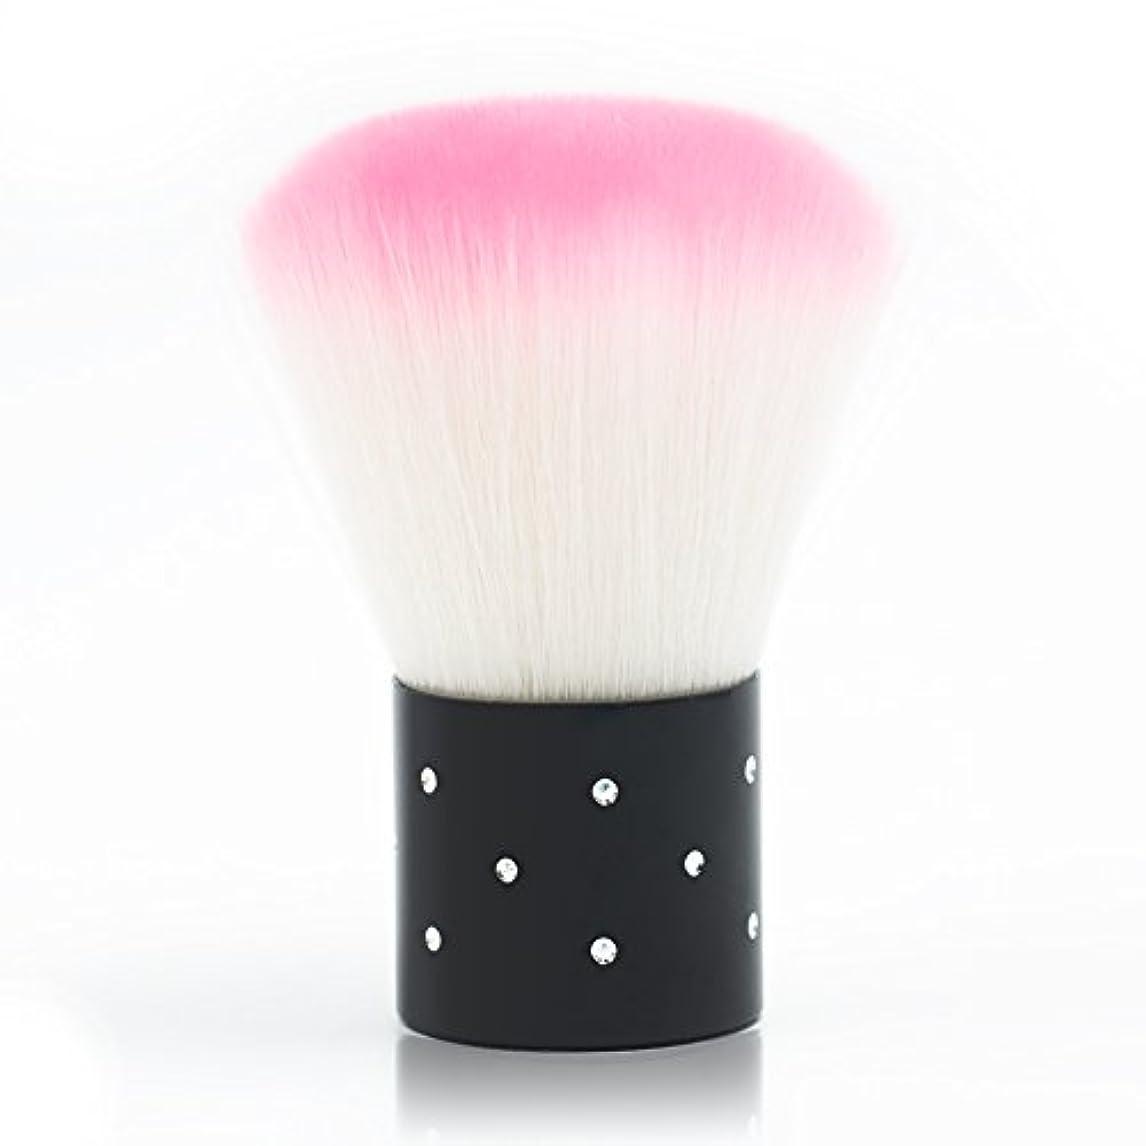 尊厳役職決めますメーリンドス マニキュア&メイクツール しなやかピンクダストブラシ 可愛いケア刷毛工具